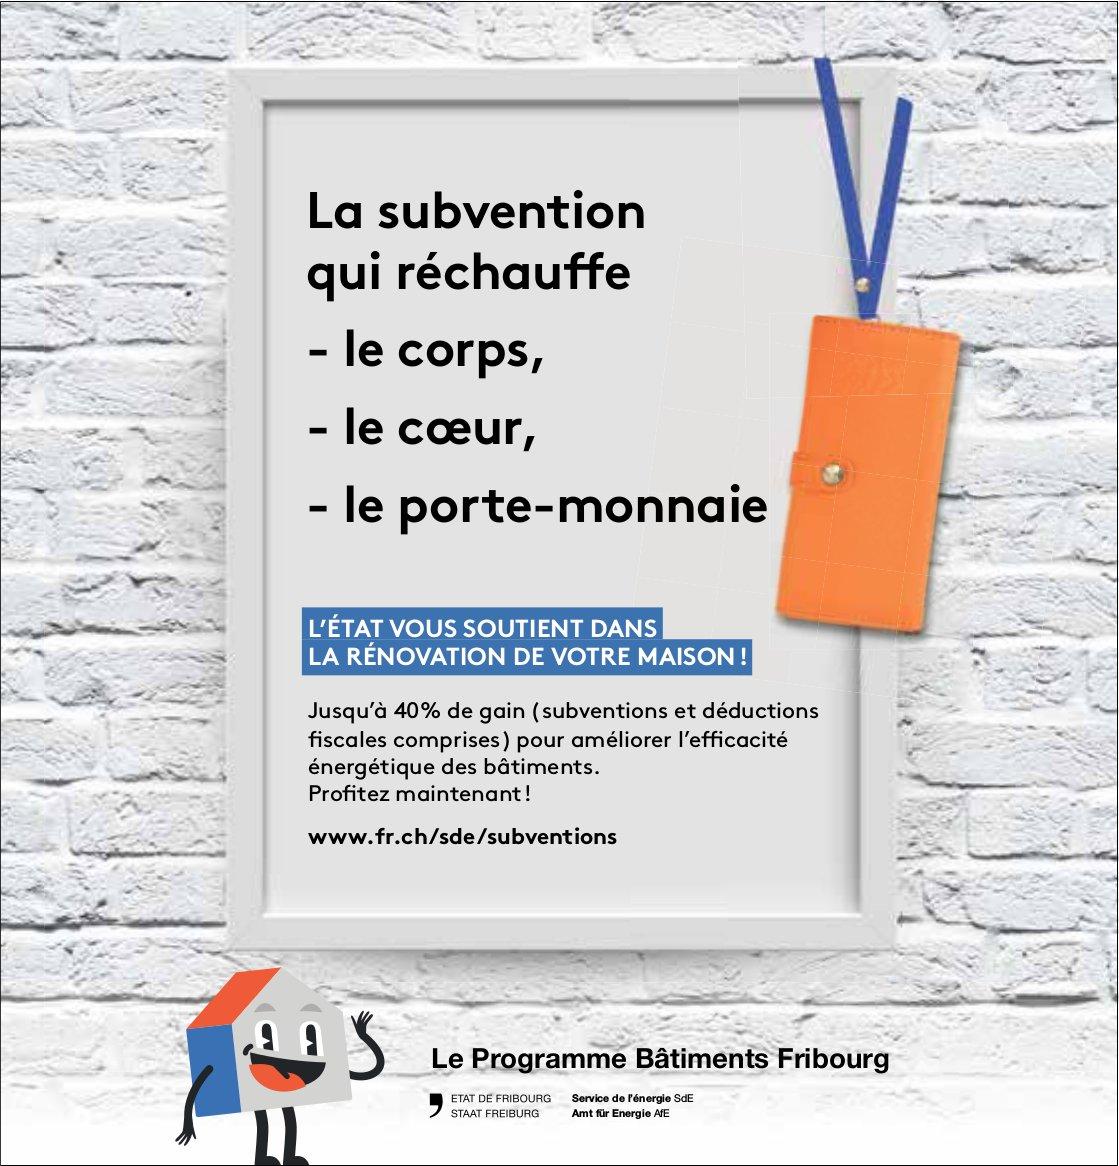 Le Programme Bâtiments Fribourg - L'état vous soutient dans la rénovation de votre maison